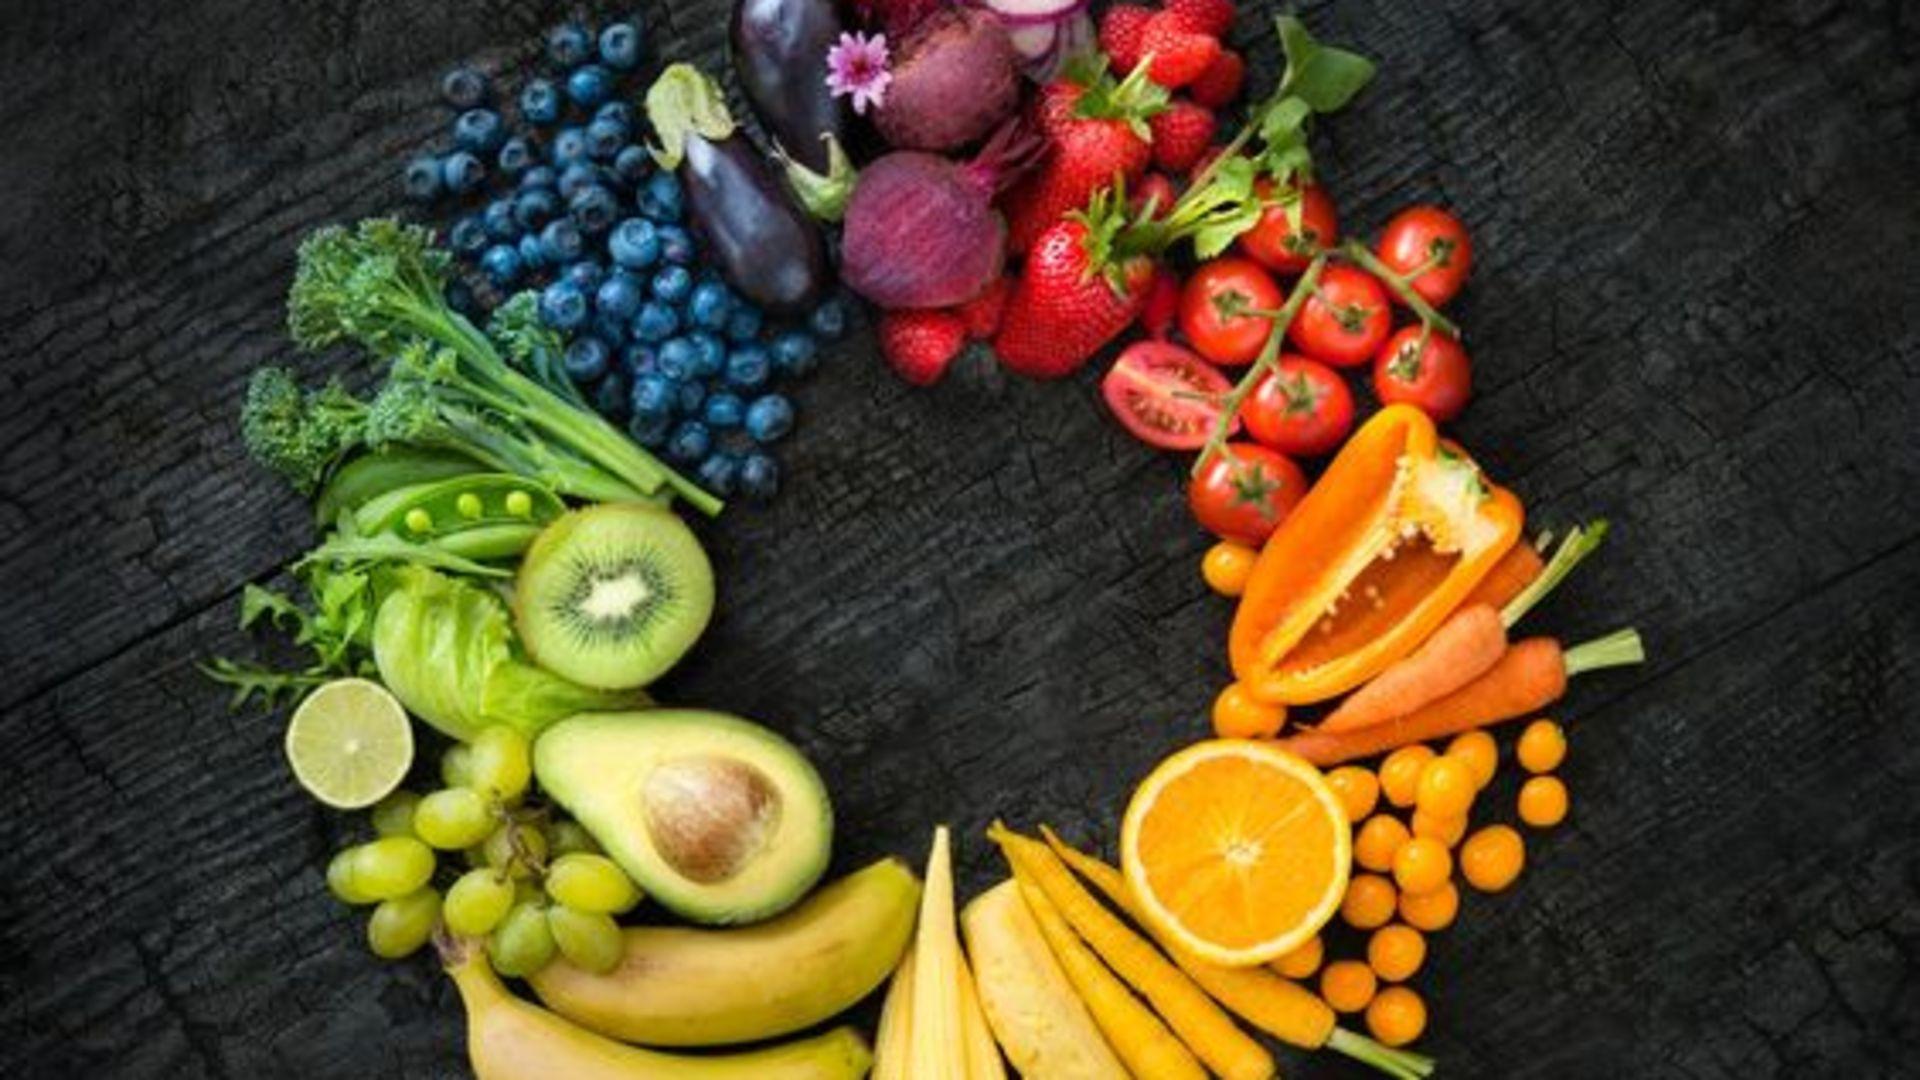 Bozulmaya yüz tutmuş meyve sebzeleri nasıl değerlendirebilirsiniz?